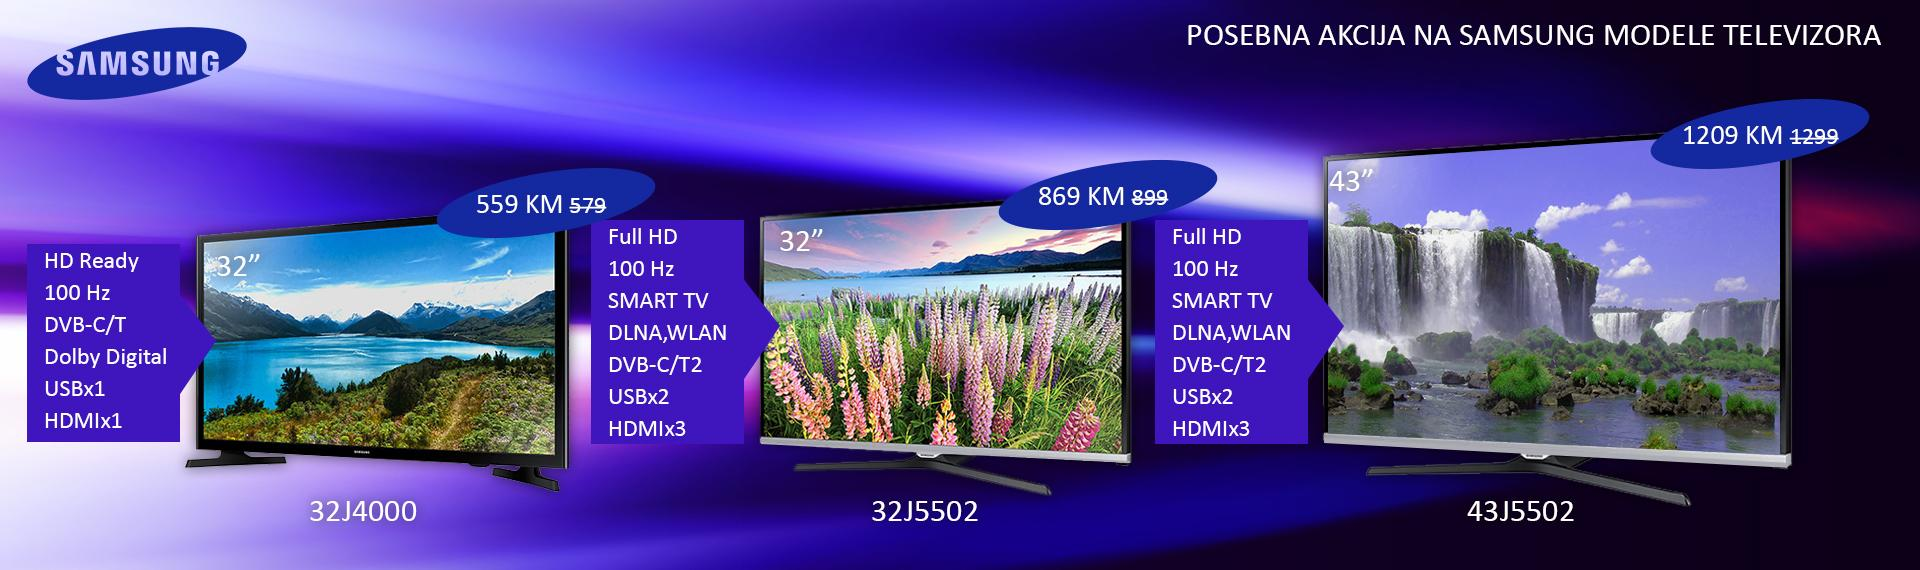 Samsung televizori Juli